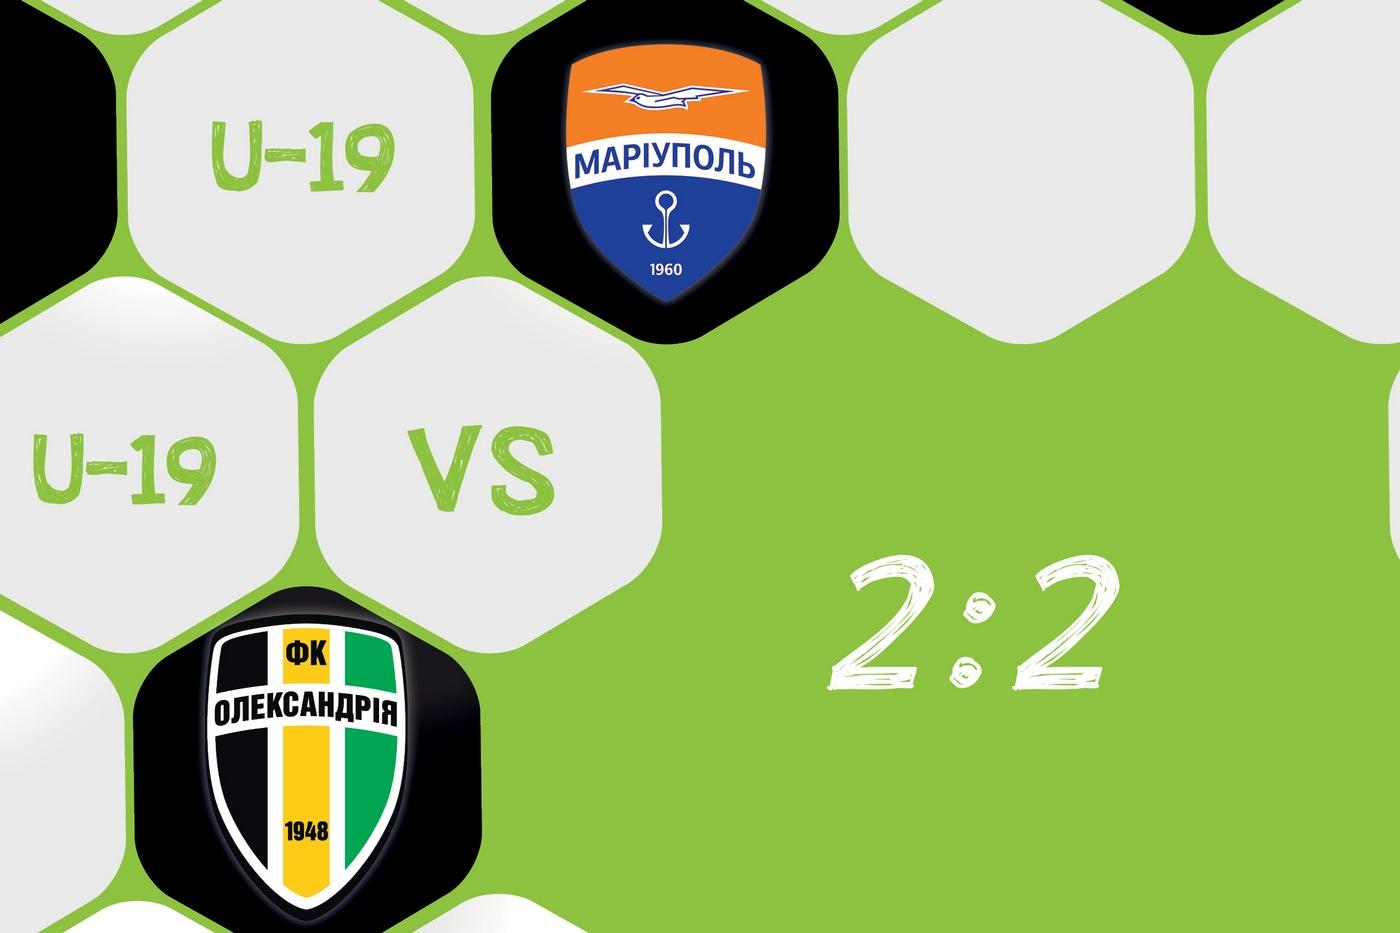 ФК «Олександрія» (U-19) – ФК «Маріуполь» (U-19) – 2:2